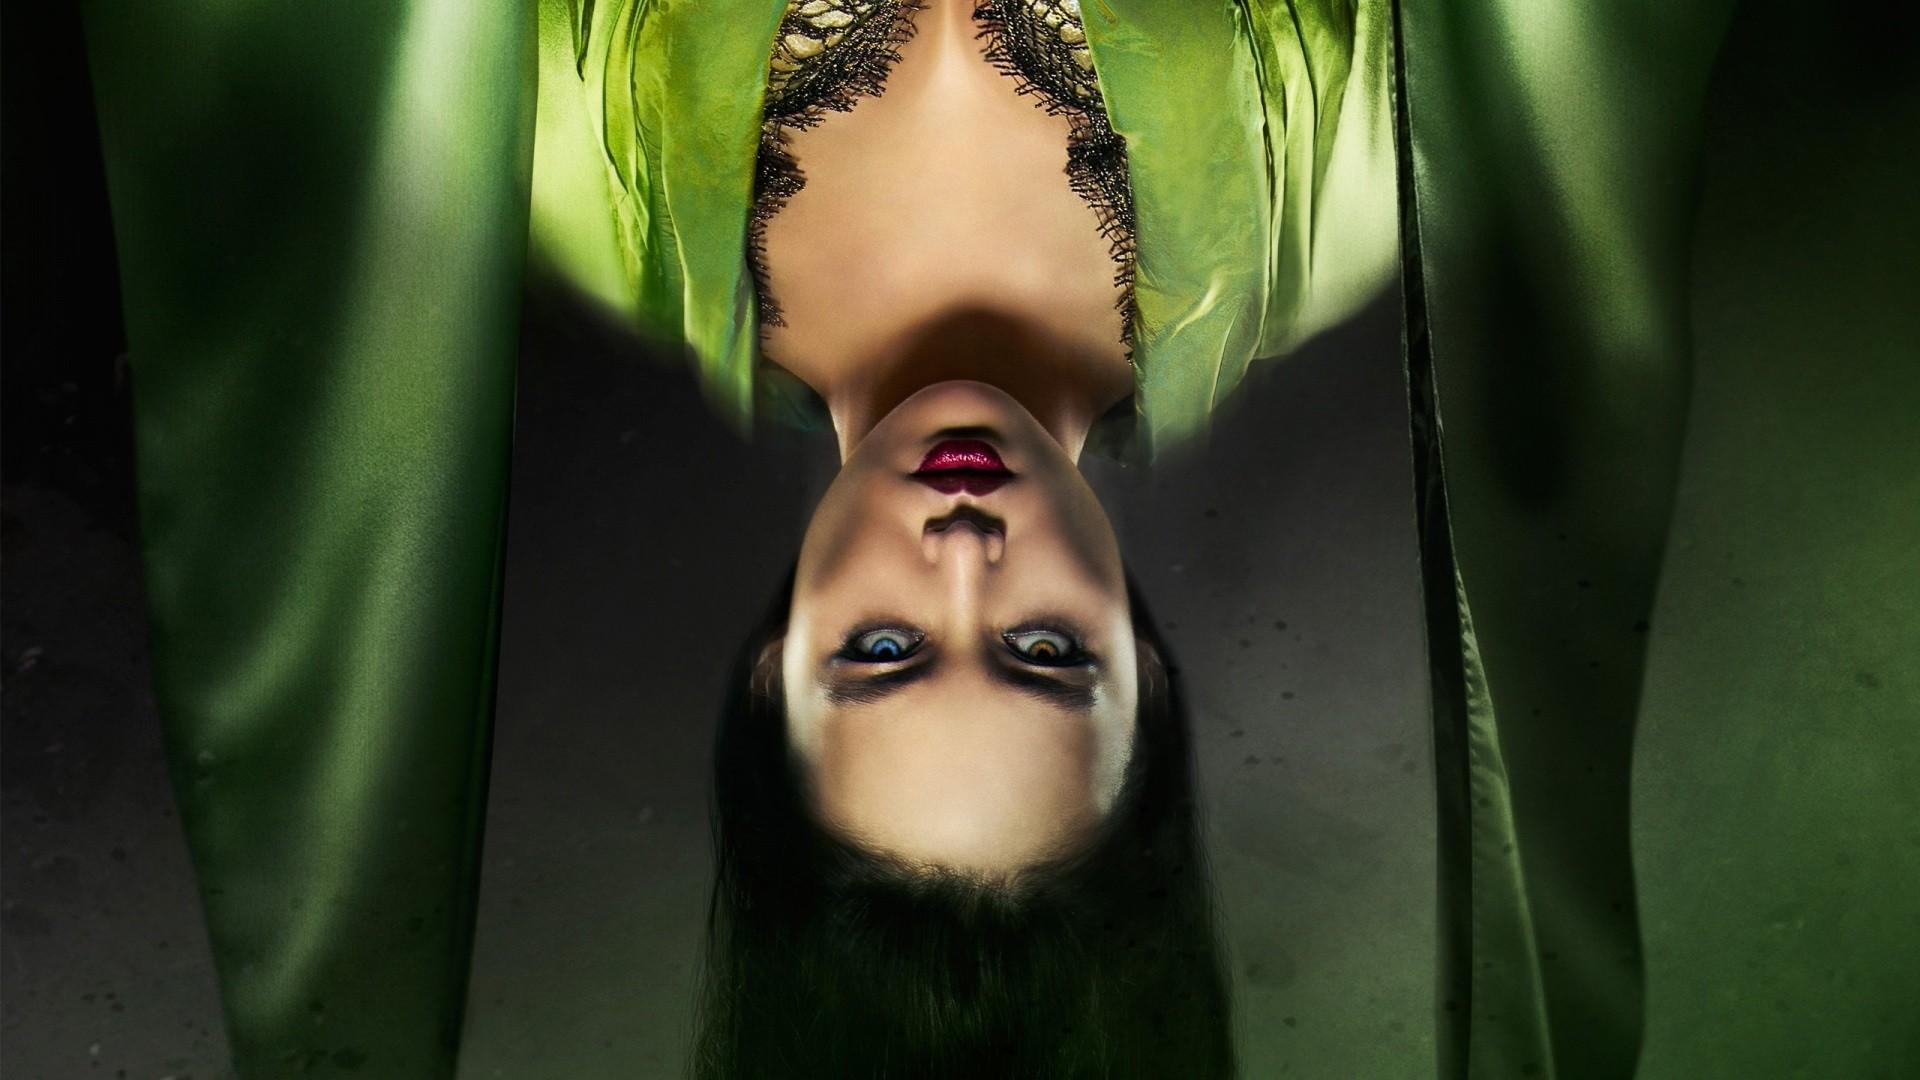 Hintergrundbilder Gesicht Modell Fotografie Filme Grun